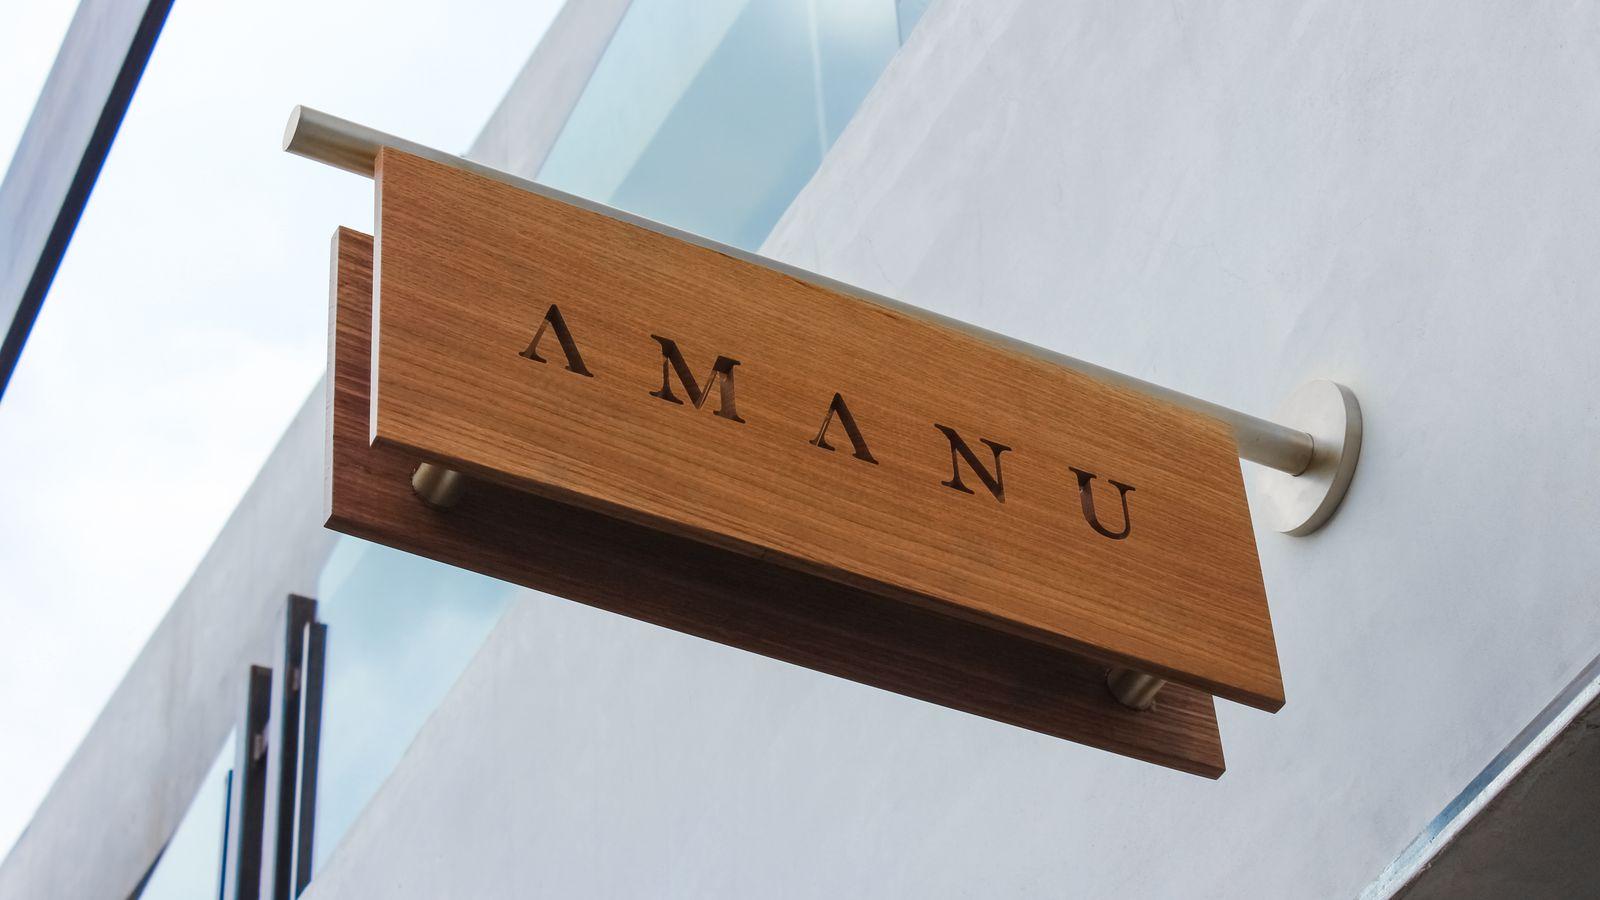 amanu wooden logo